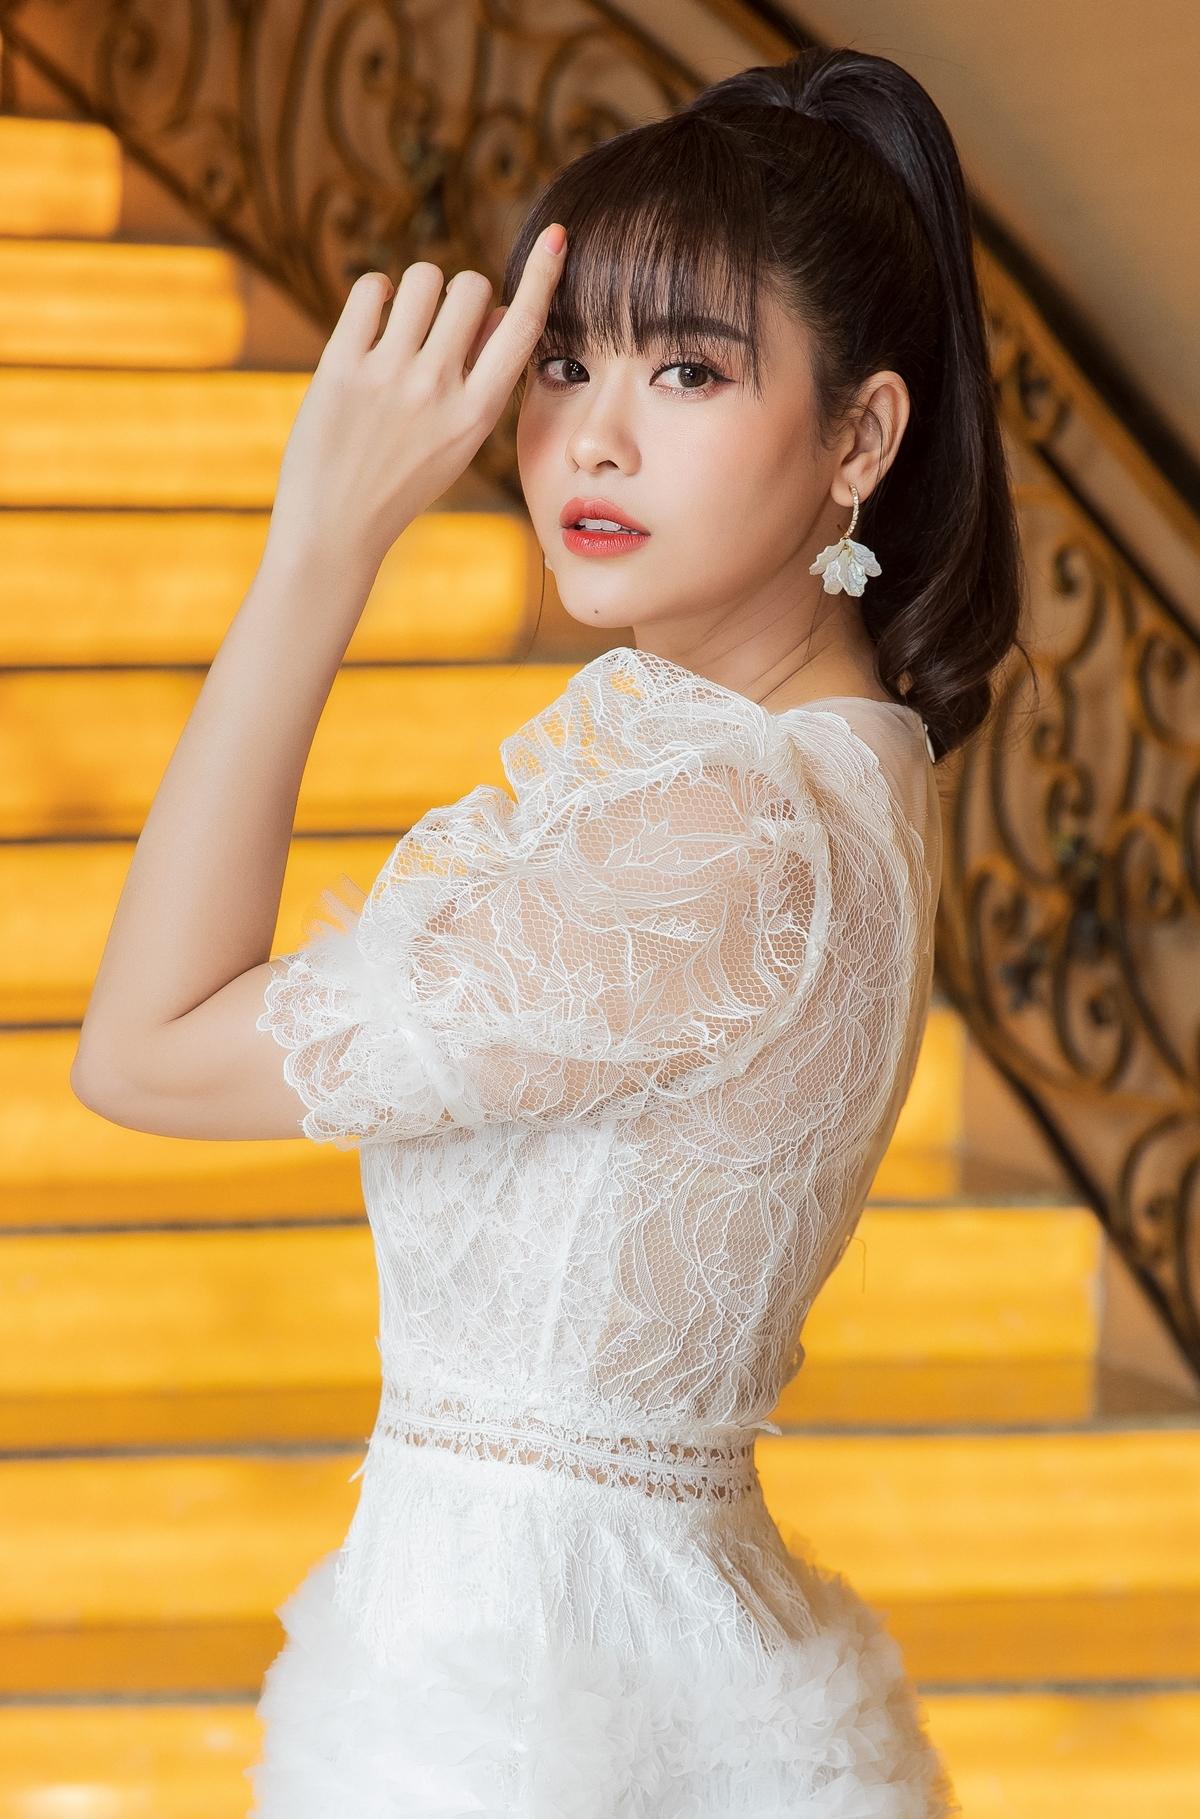 Trương Quỳnh Anh cởi mở sau chia tay nhưng chưa tìm được người phù hợp.